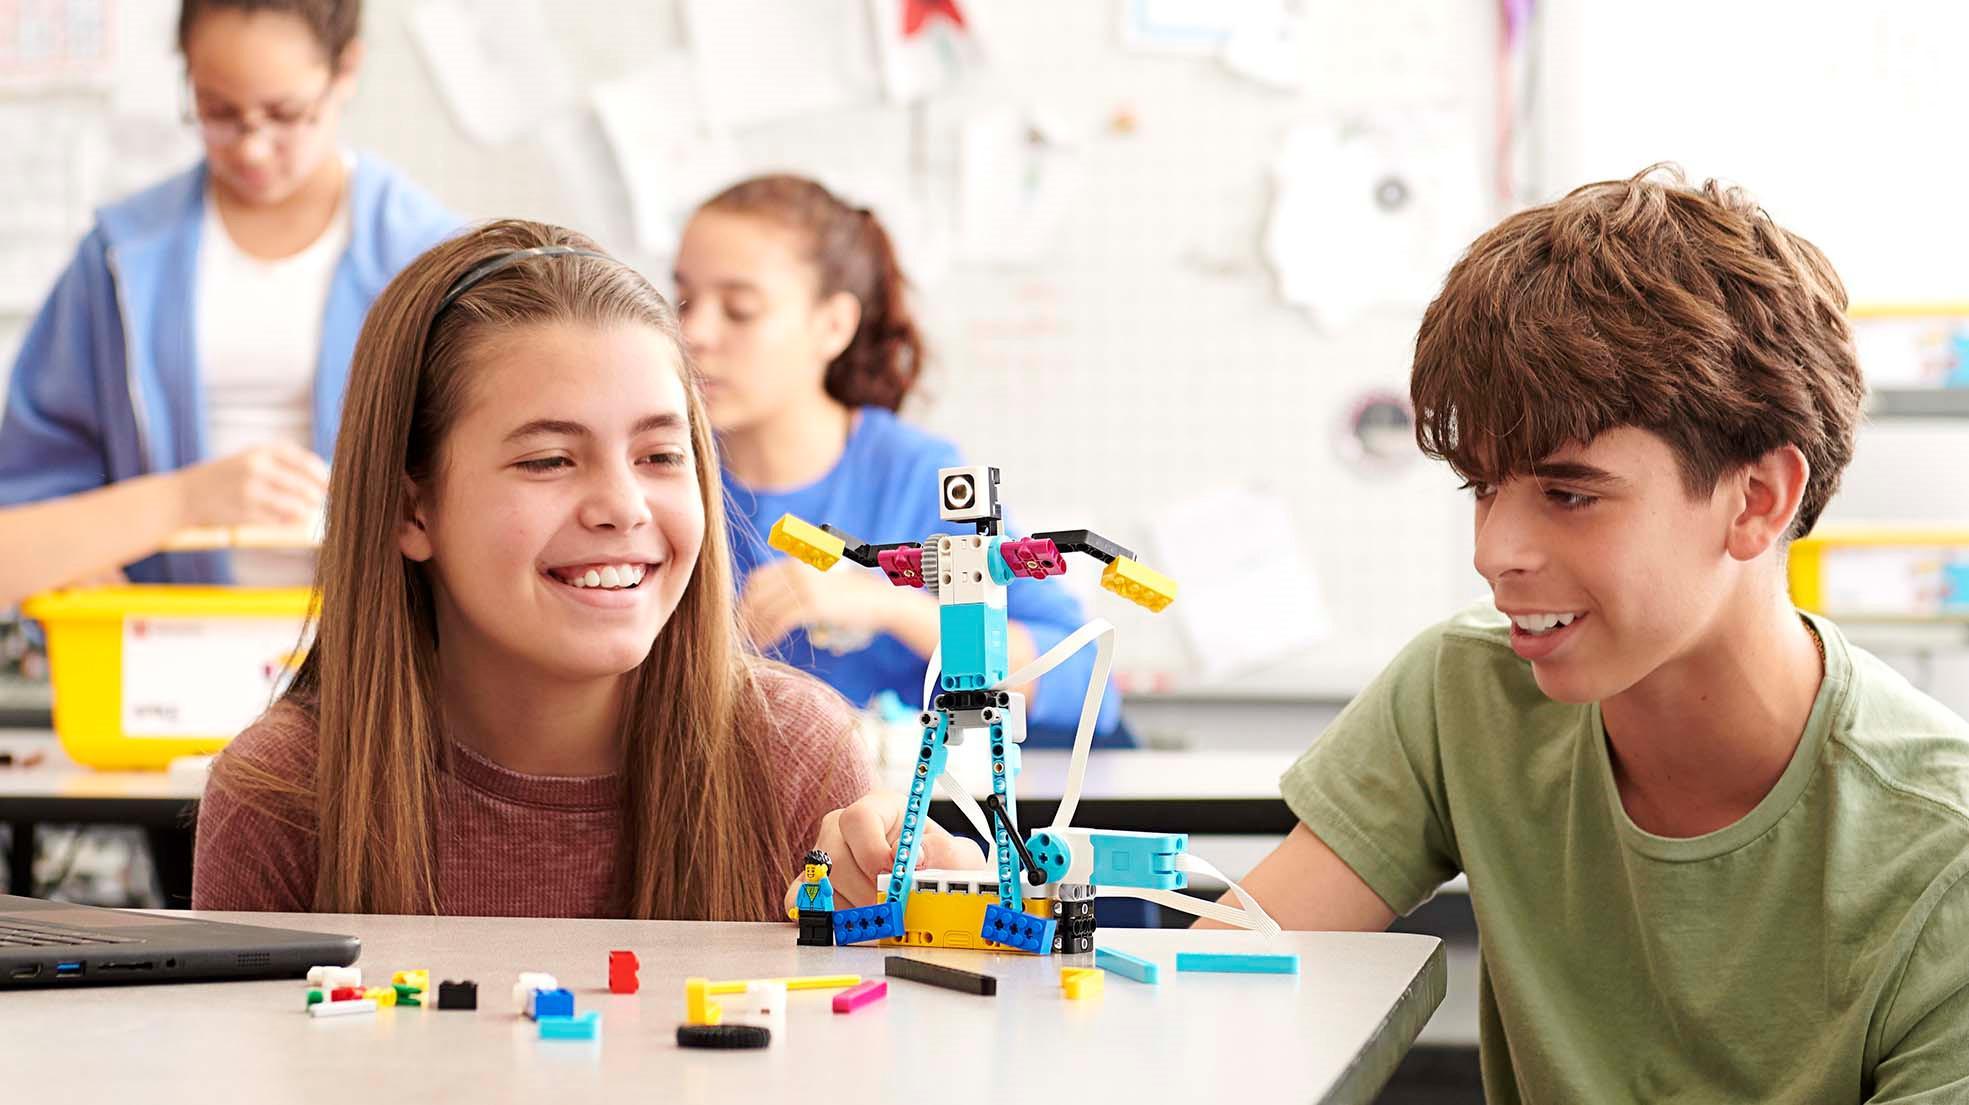 Lego hướng tới lớp học hiện đại Ảnh 1